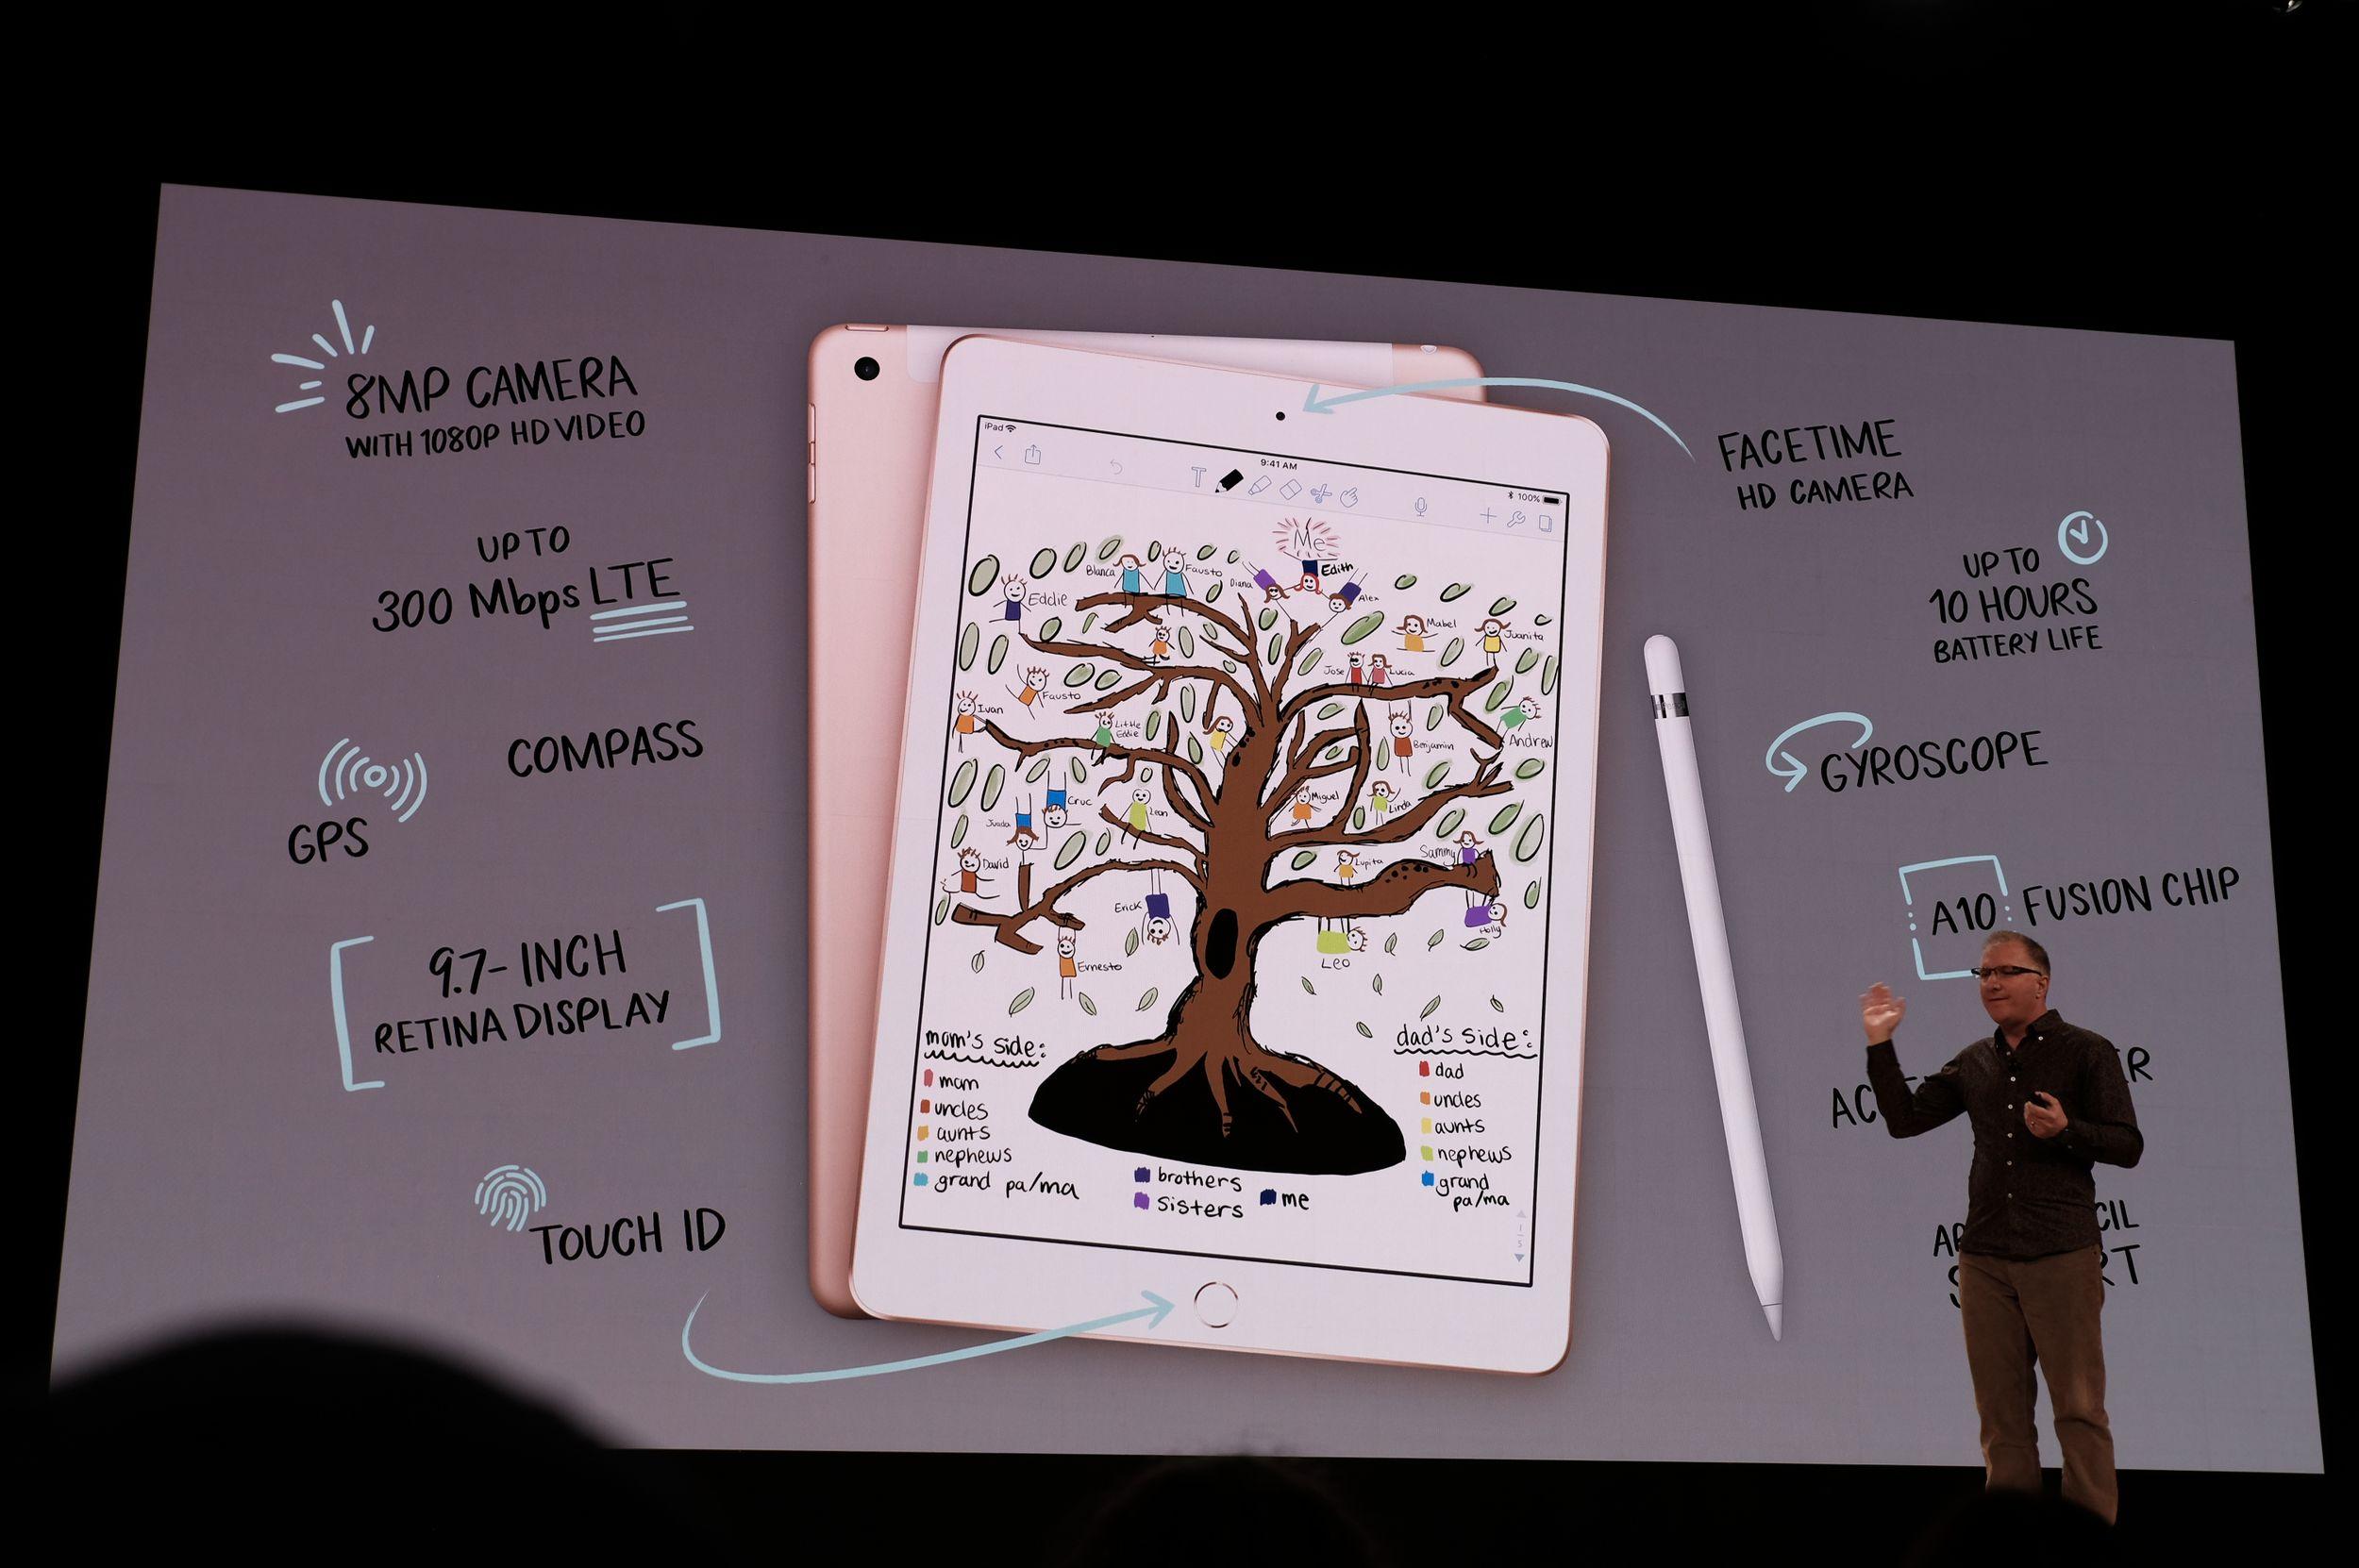 Evento Apple para educación, en directo y con el nuevo iPad 39